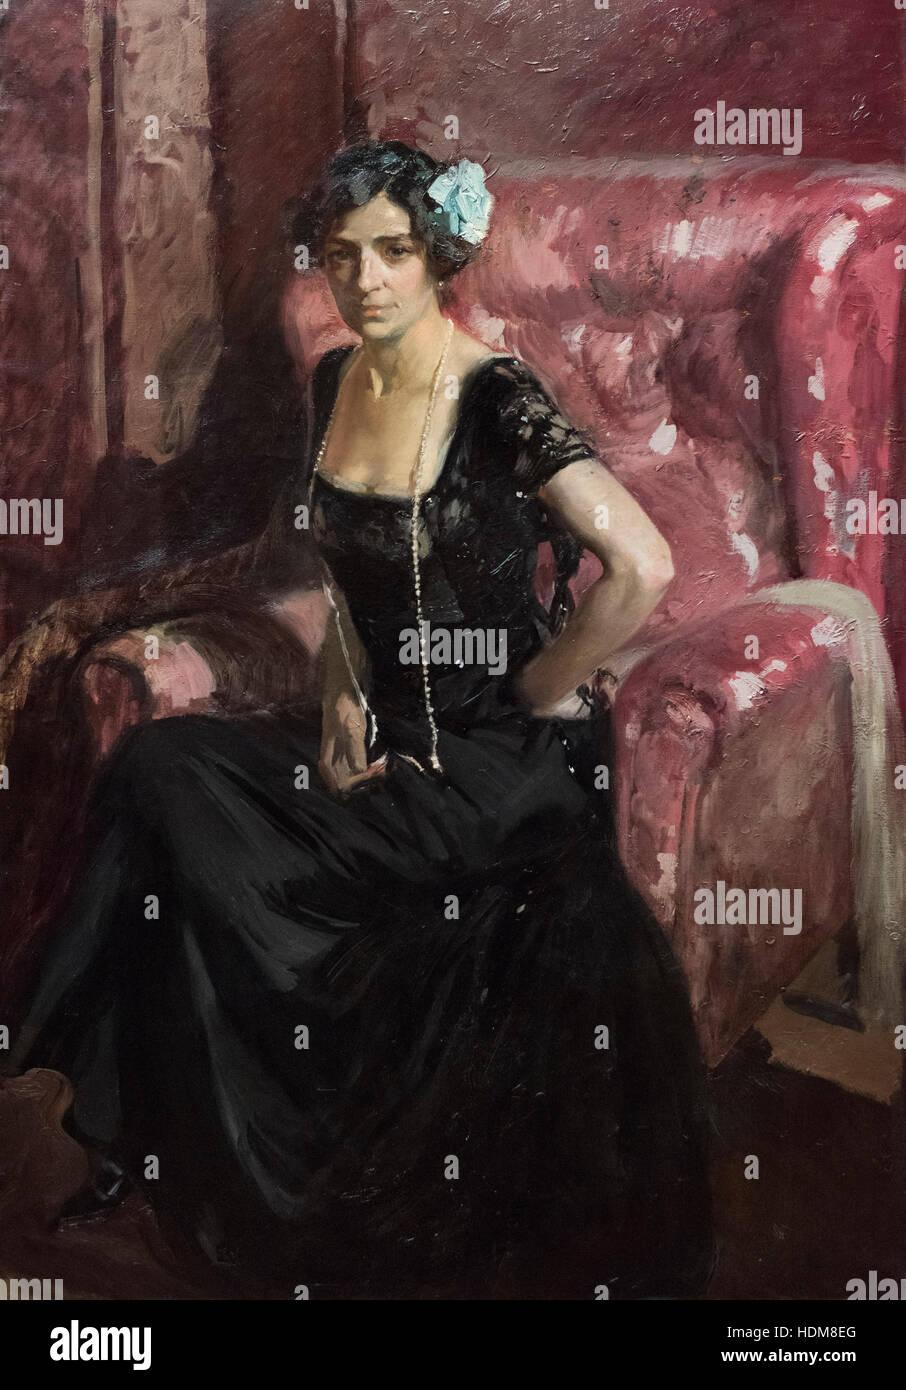 Joaquín Sorolla y Bastida (1863–1923), Clotilde con Traje de Noche, 1910. Stock Photo